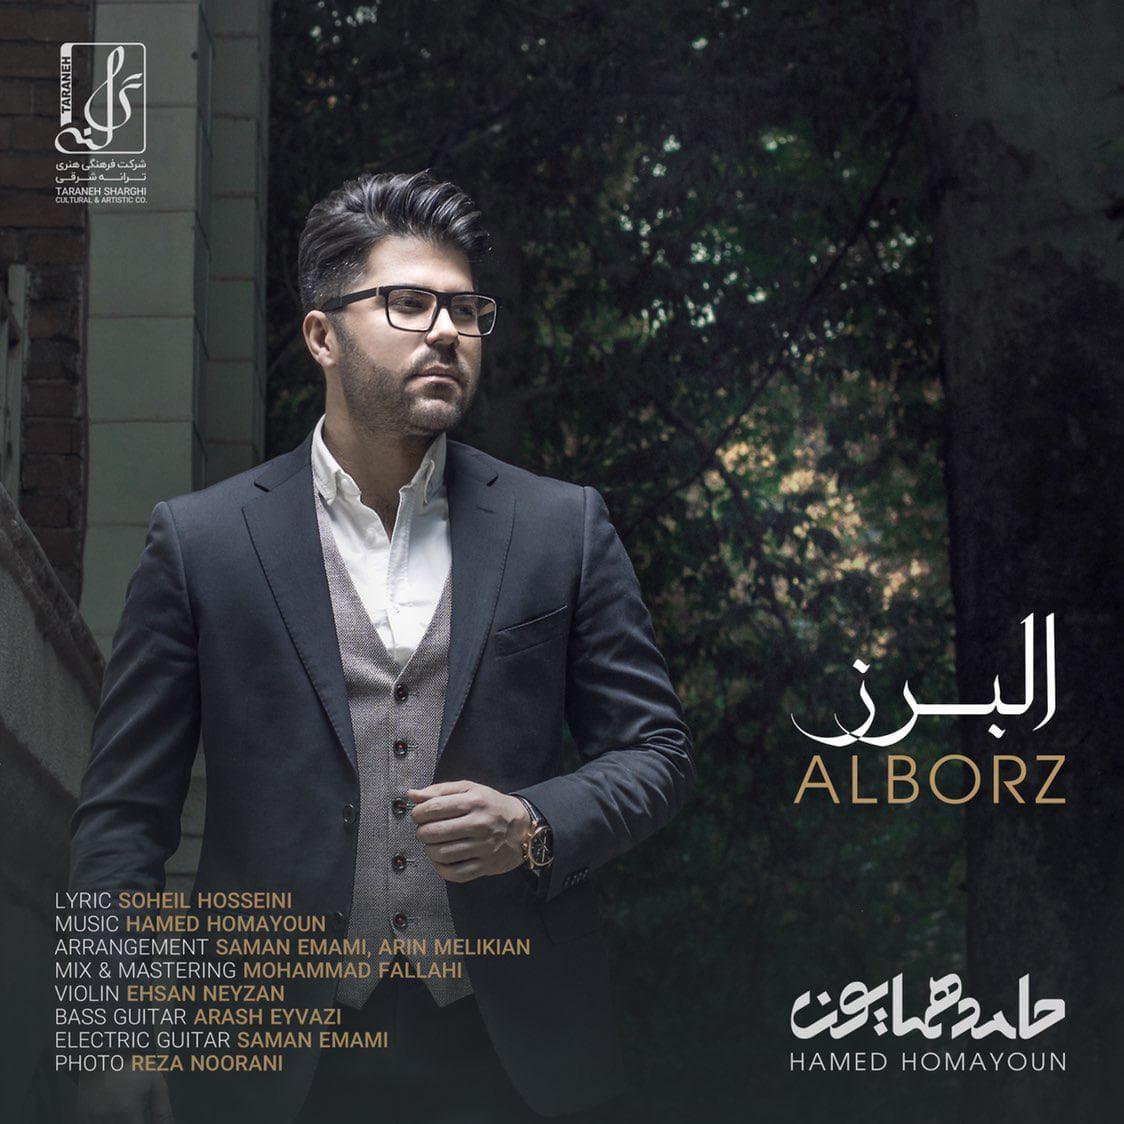 دانلود آهنگ جدید و زیبای حامد همایون البرز